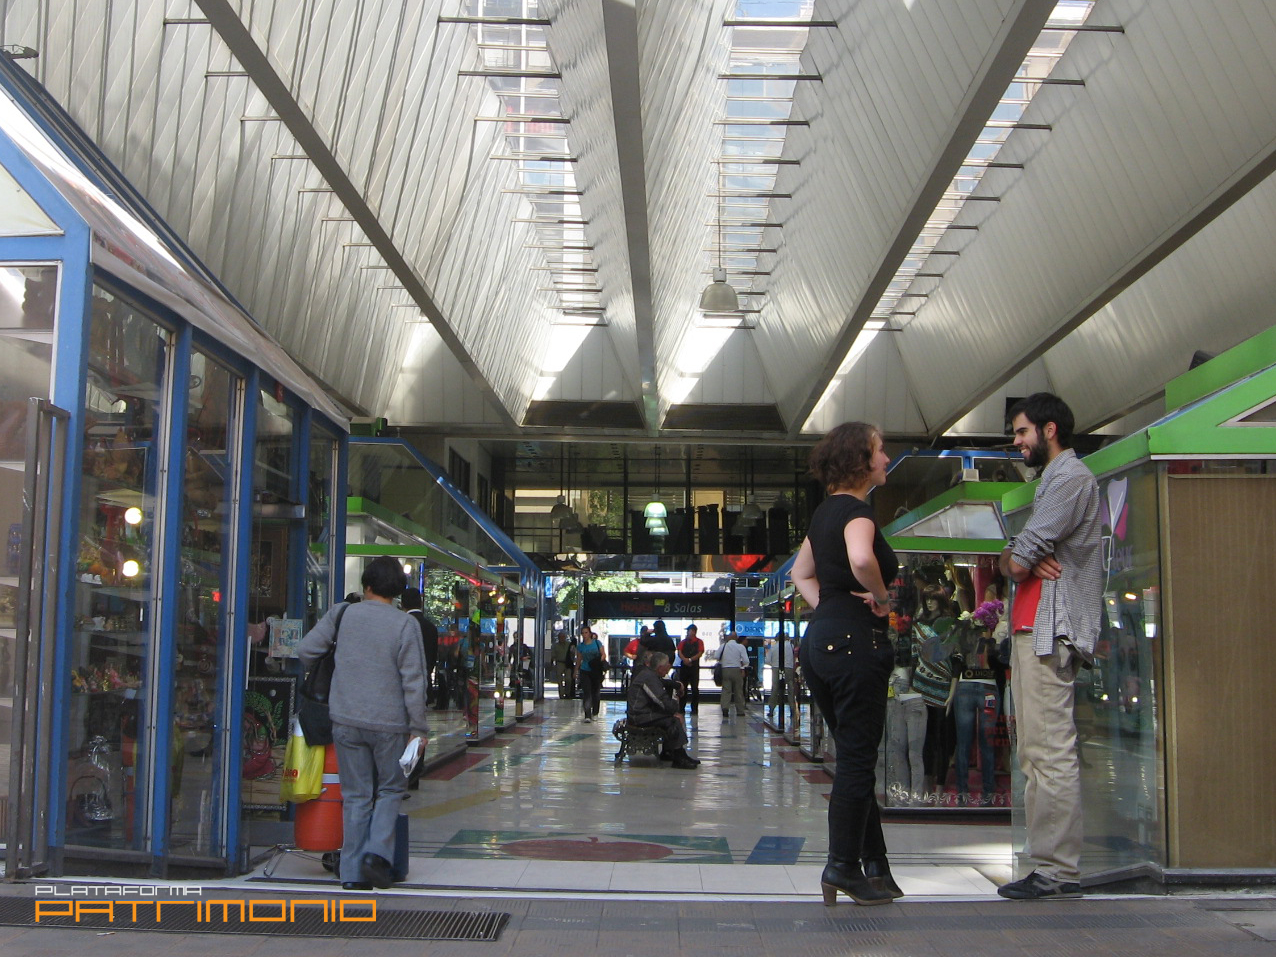 Galeria san agustin plataforma urbana for Centros comerciales en santiago de chile